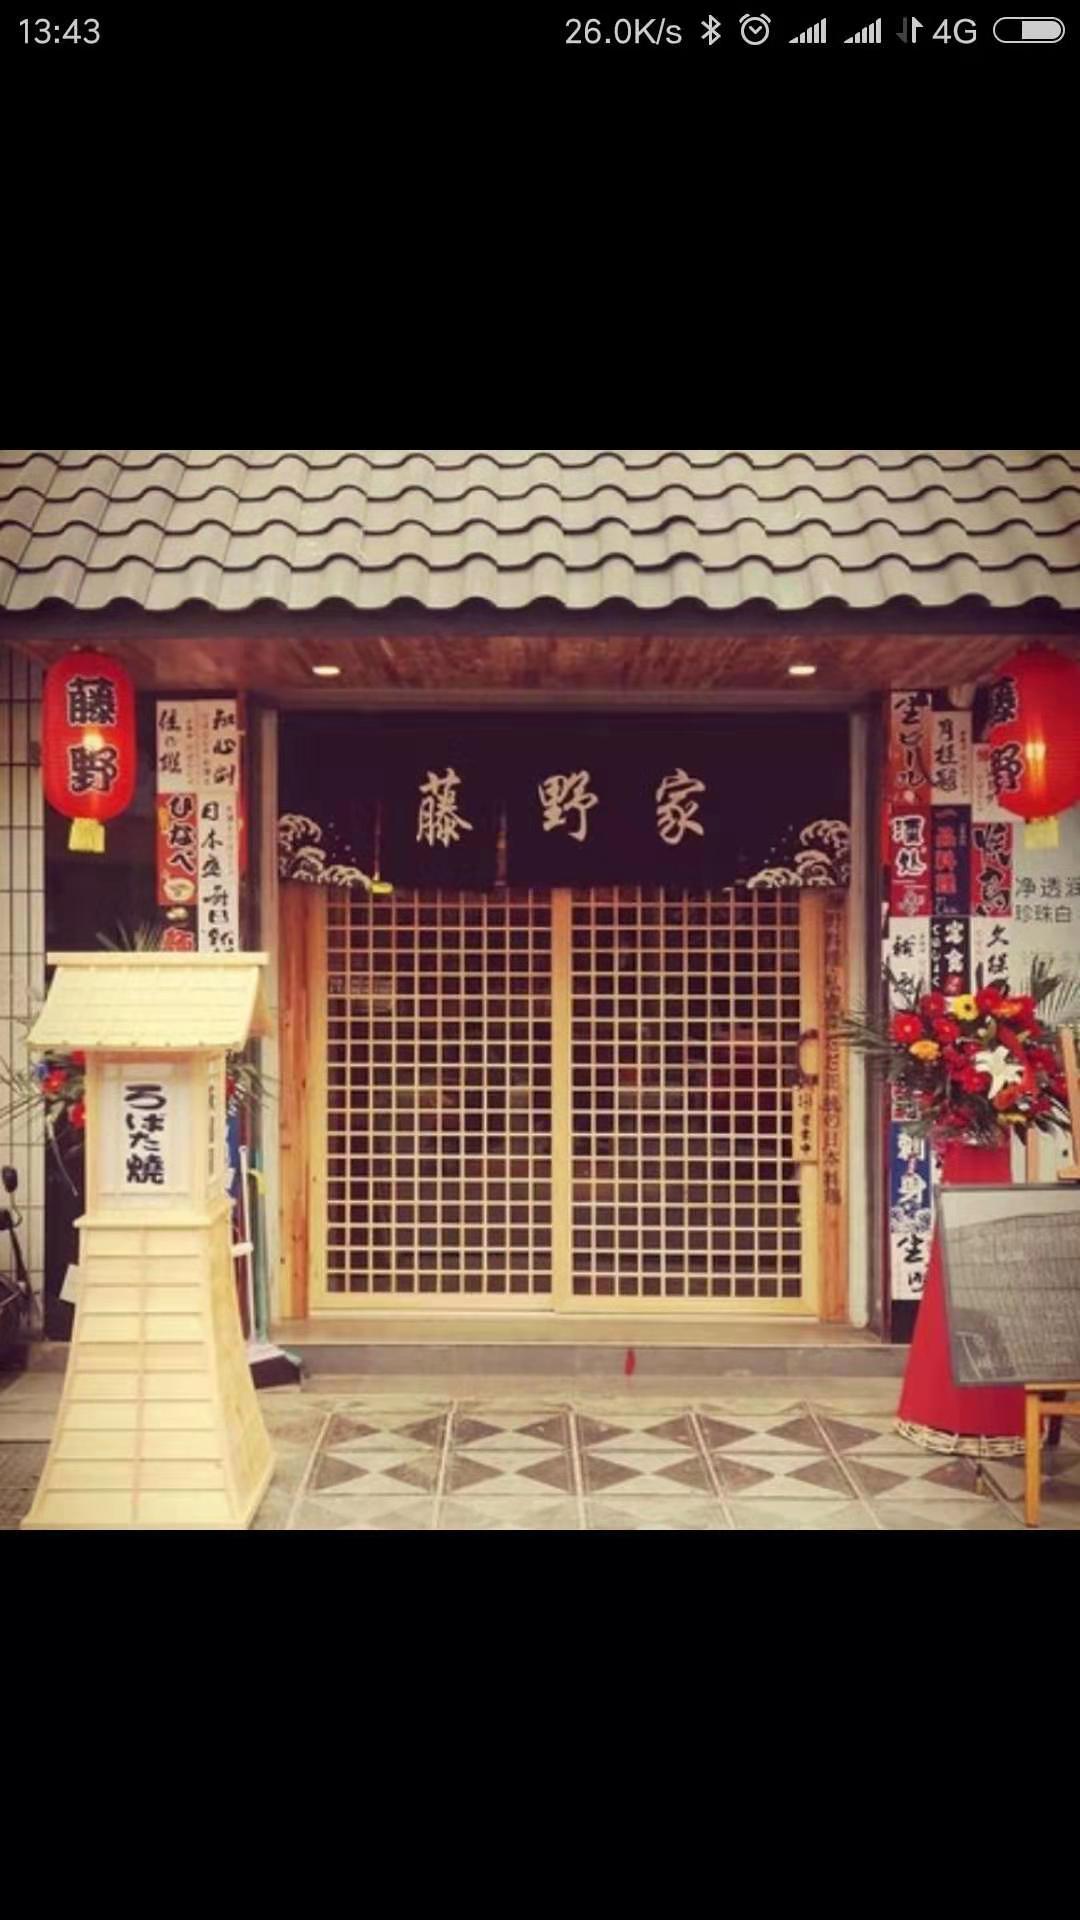 邹城市藤野料理餐厅